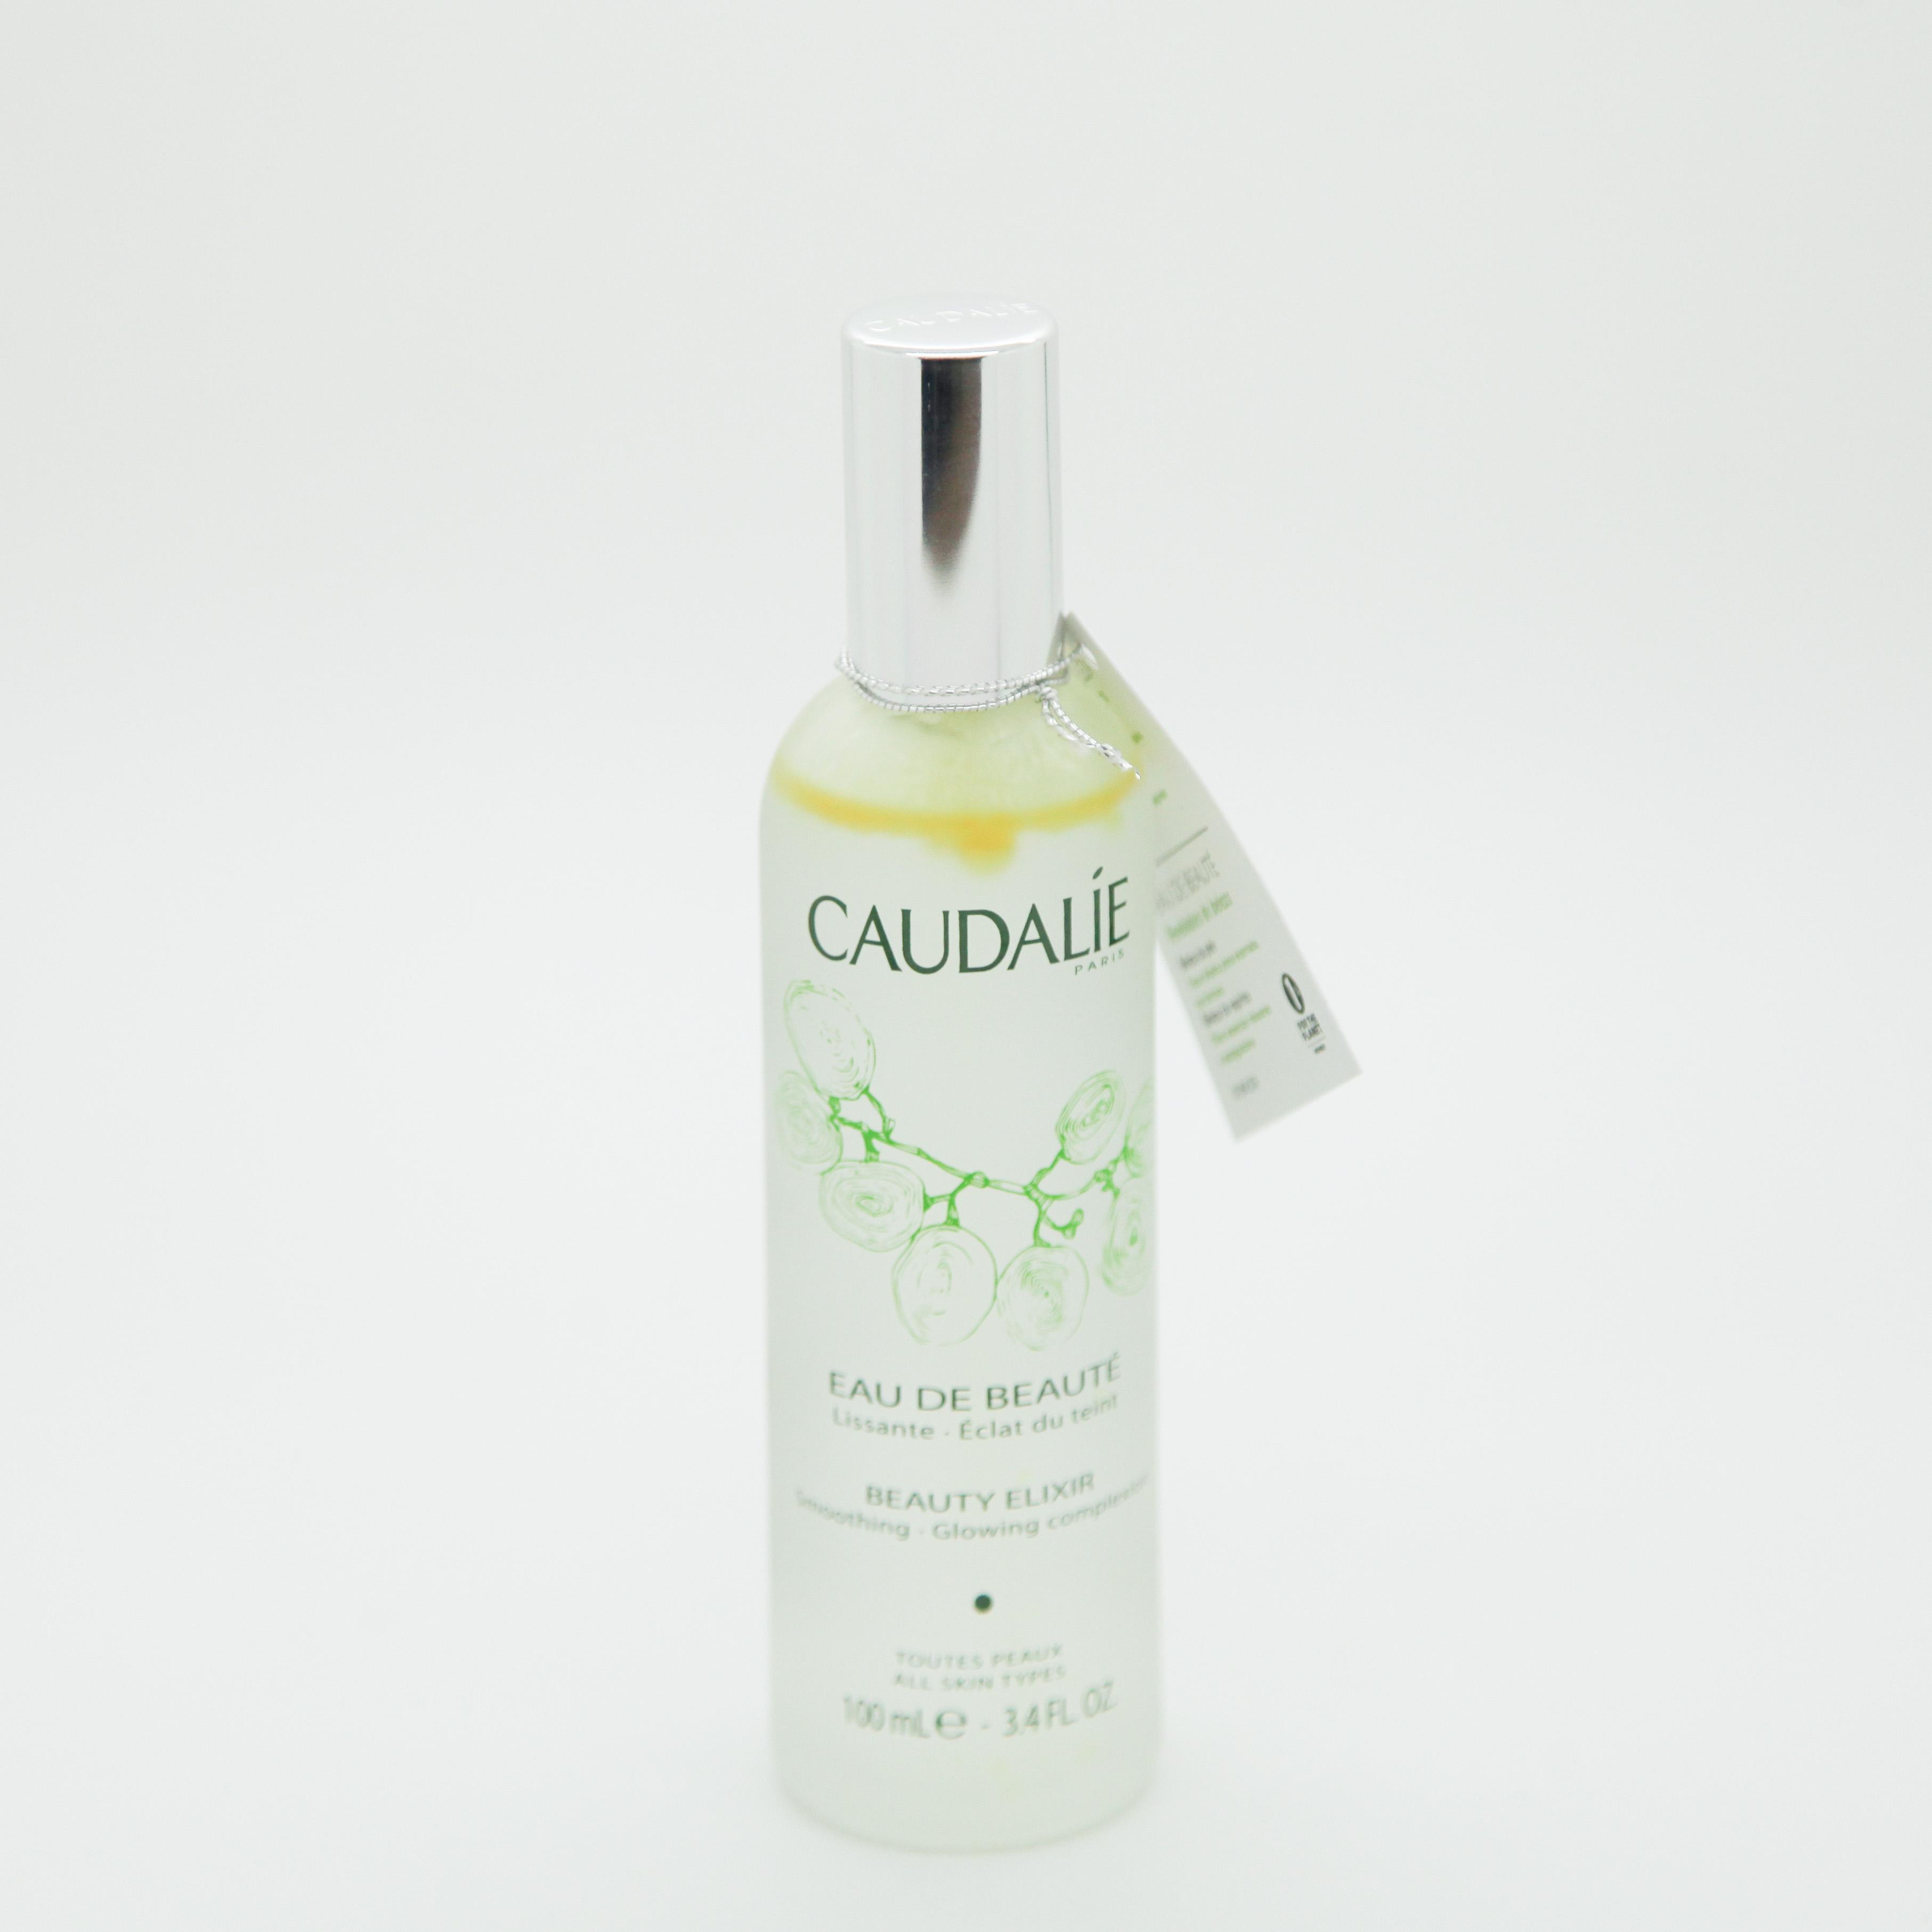 【法国直邮】欧缇丽Caudalie皇后水葡萄活性精华爽肤水 100ml